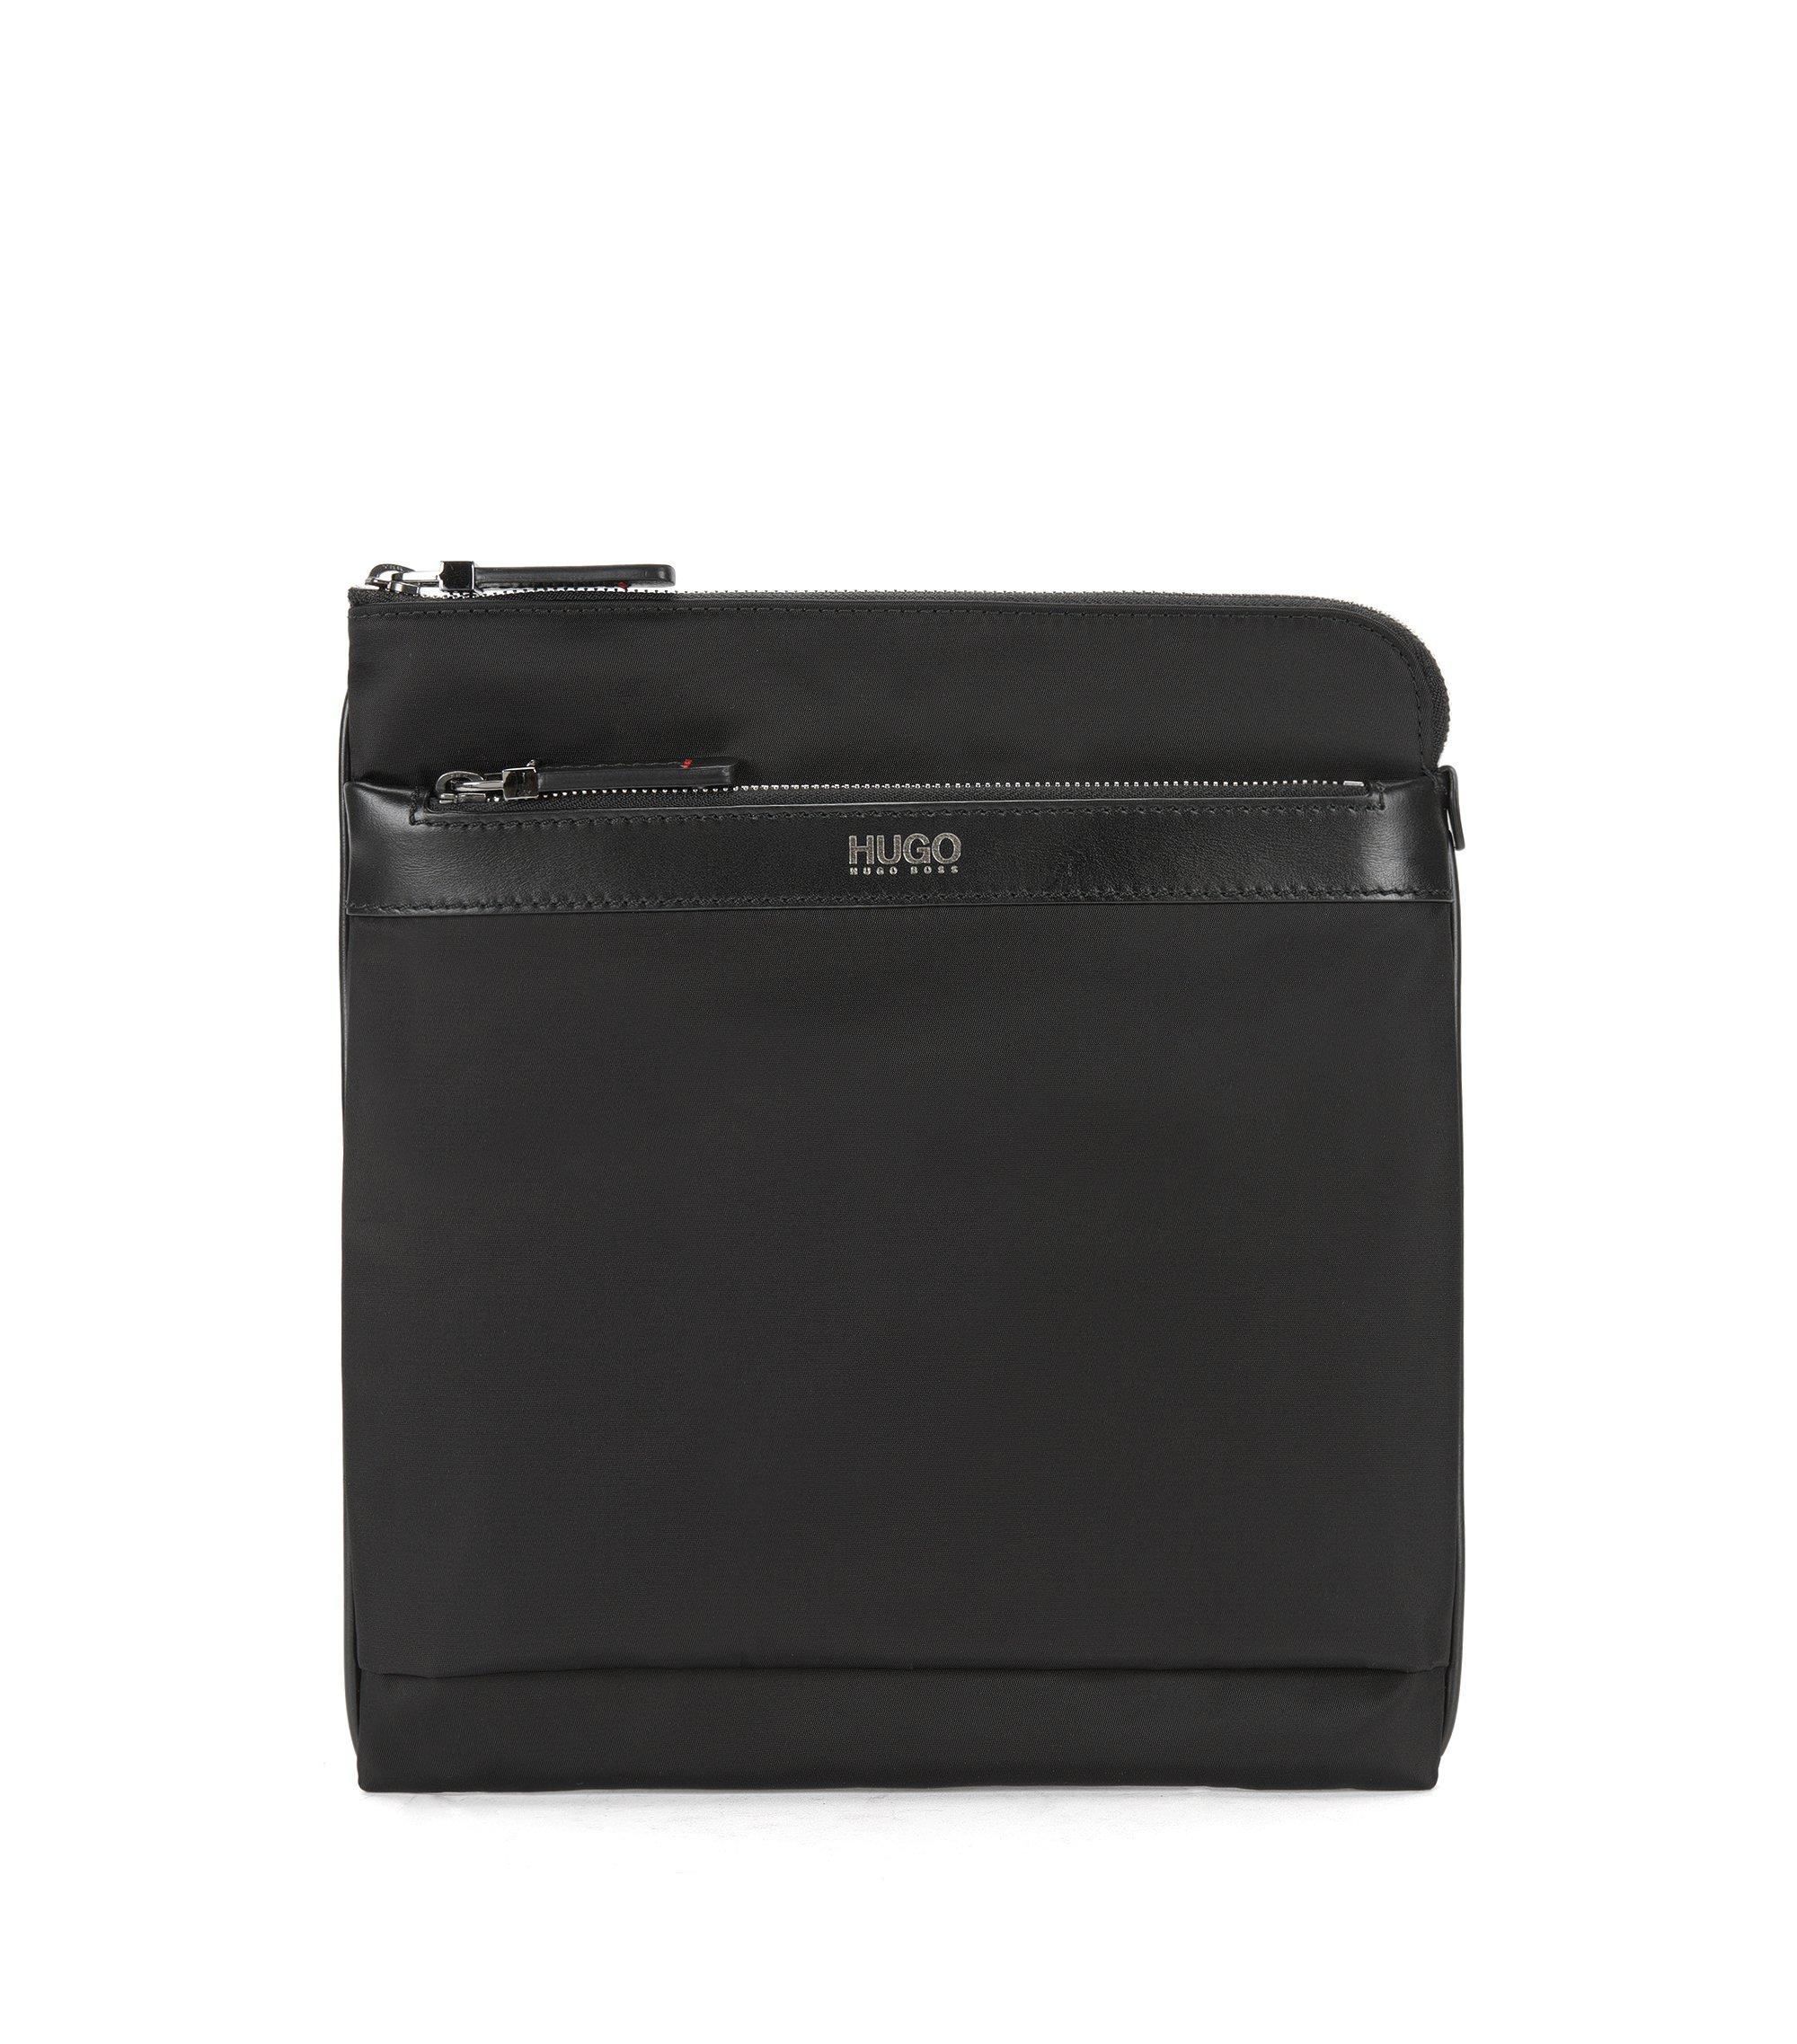 Kompakte Umhängetasche mit Lederbesatz, Schwarz